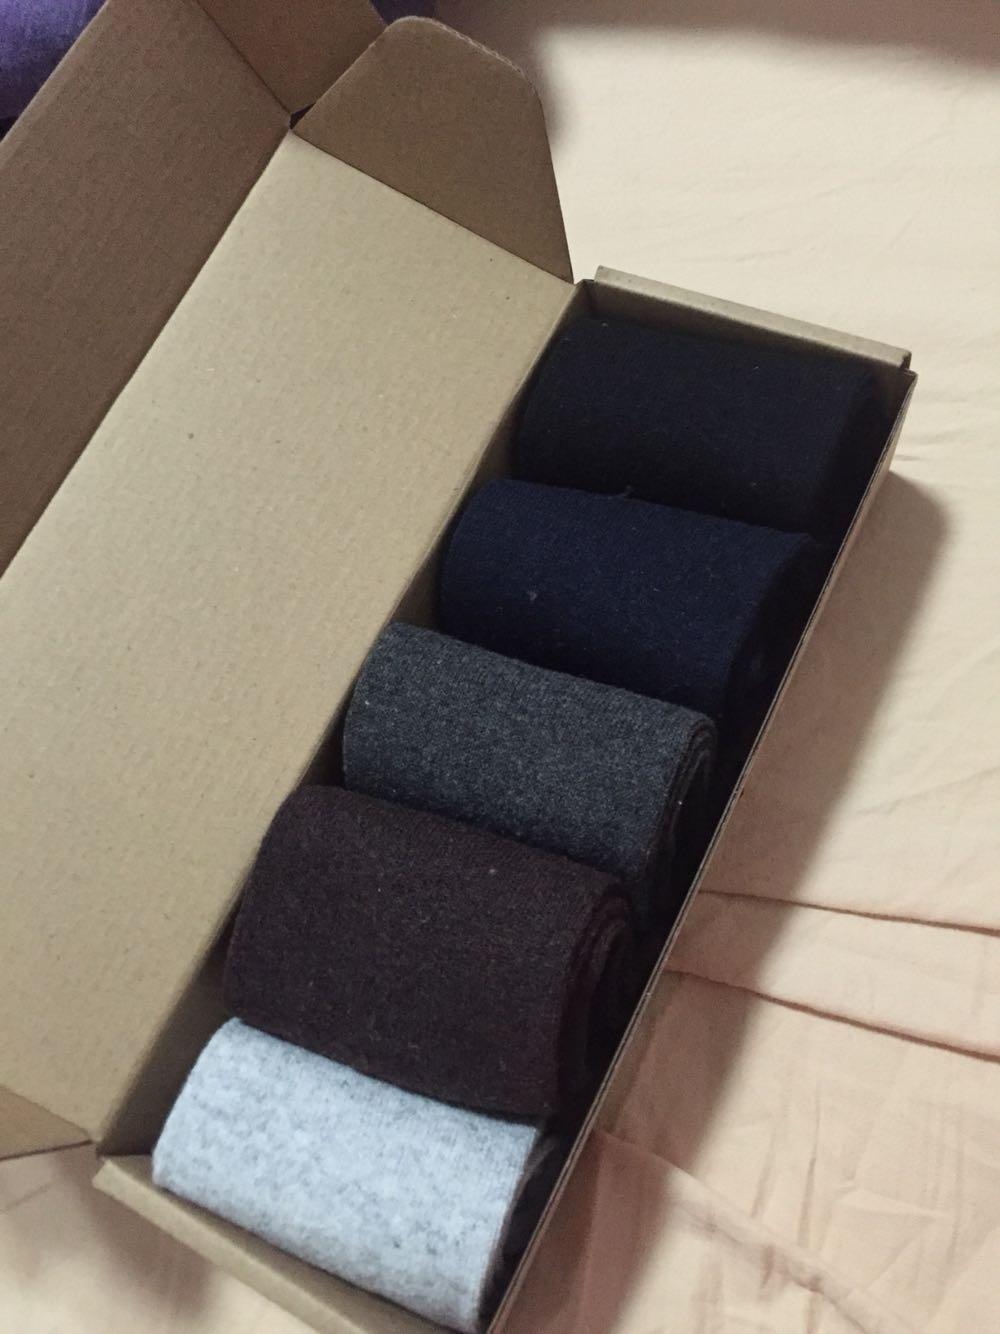 Trois boîtes de acheté ensemble à Pékin, la livraison.Trois ou quatre jours.La qualité peut aussi, des hommes de couleur plus le choix! air jordan retro 6 pistons release date airmax97 0938267 replica